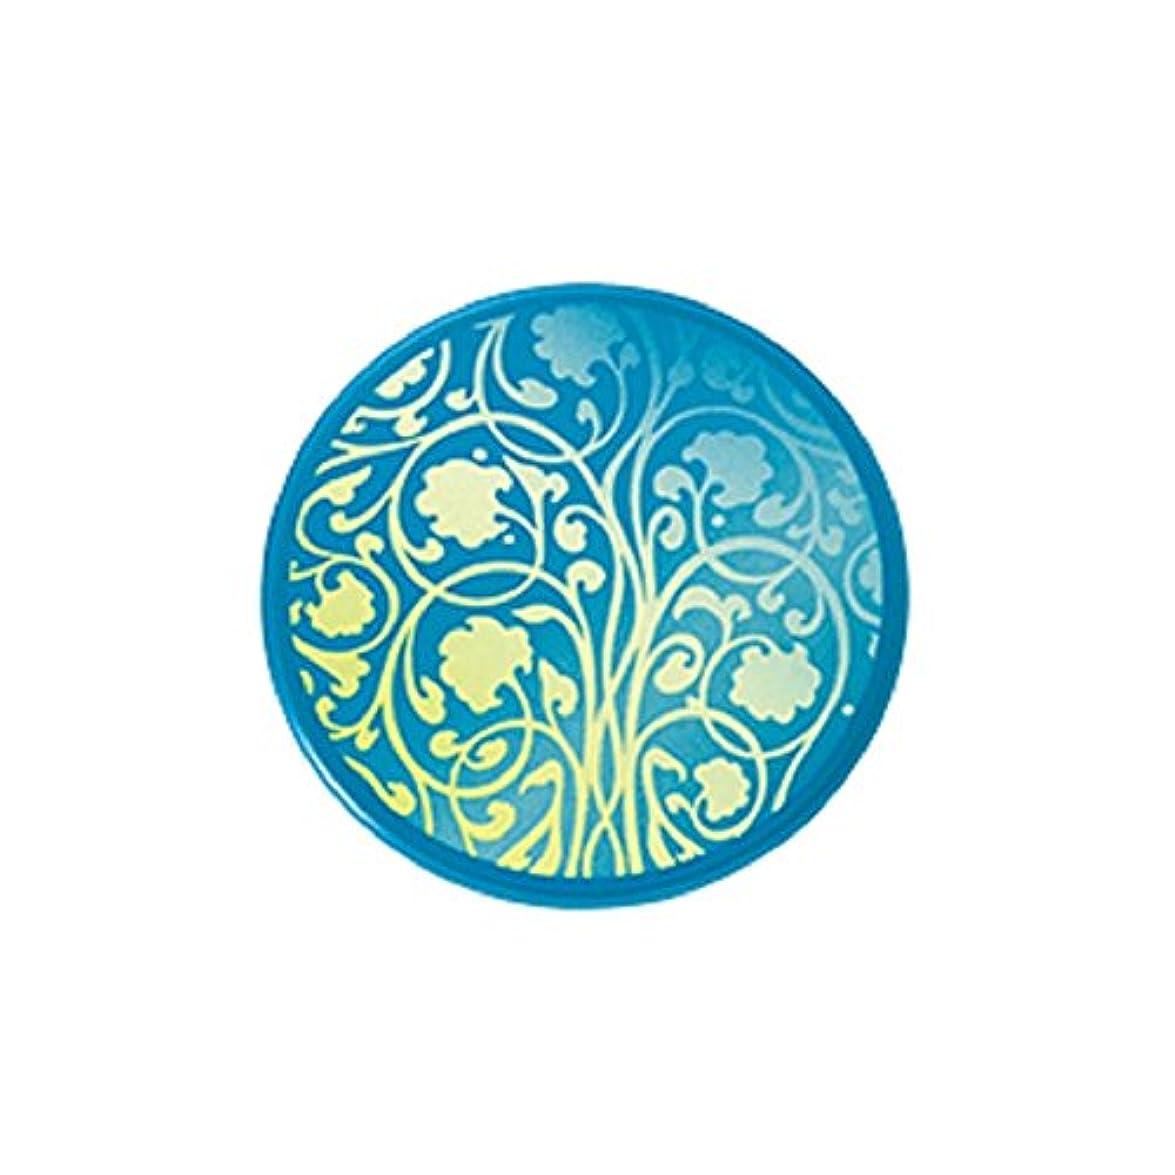 肌寒いロードブロッキングユニークなアユーラ (AYURA) ウェルフィット アロマバーム 14g 〈ソリッドパヒューム〉 心地よい森林の香気